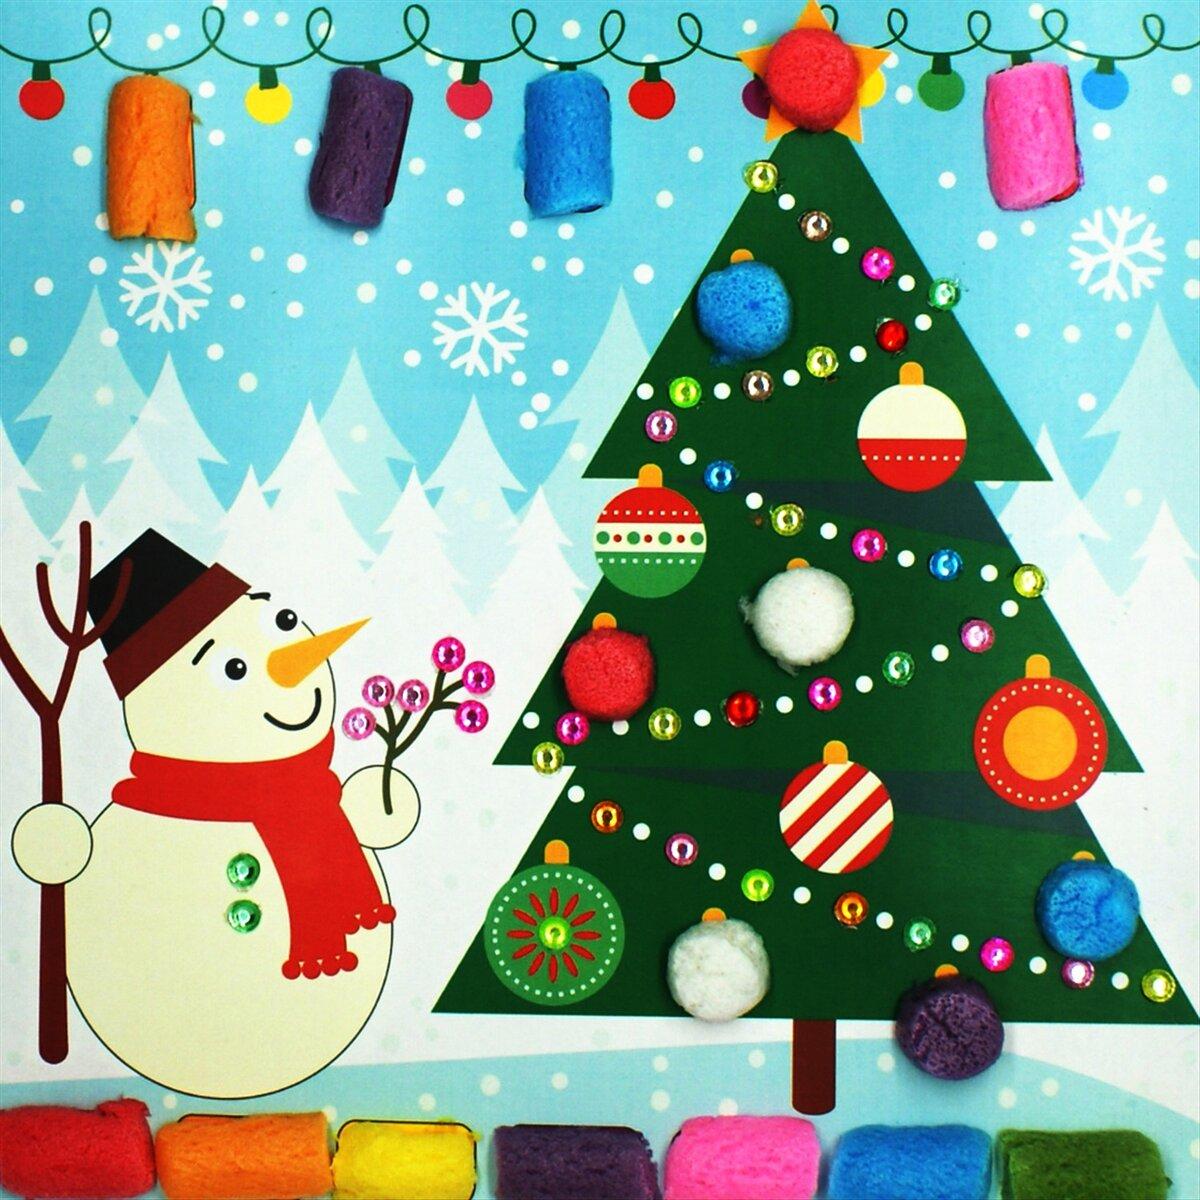 Рождественские ангелочки картинки периодически